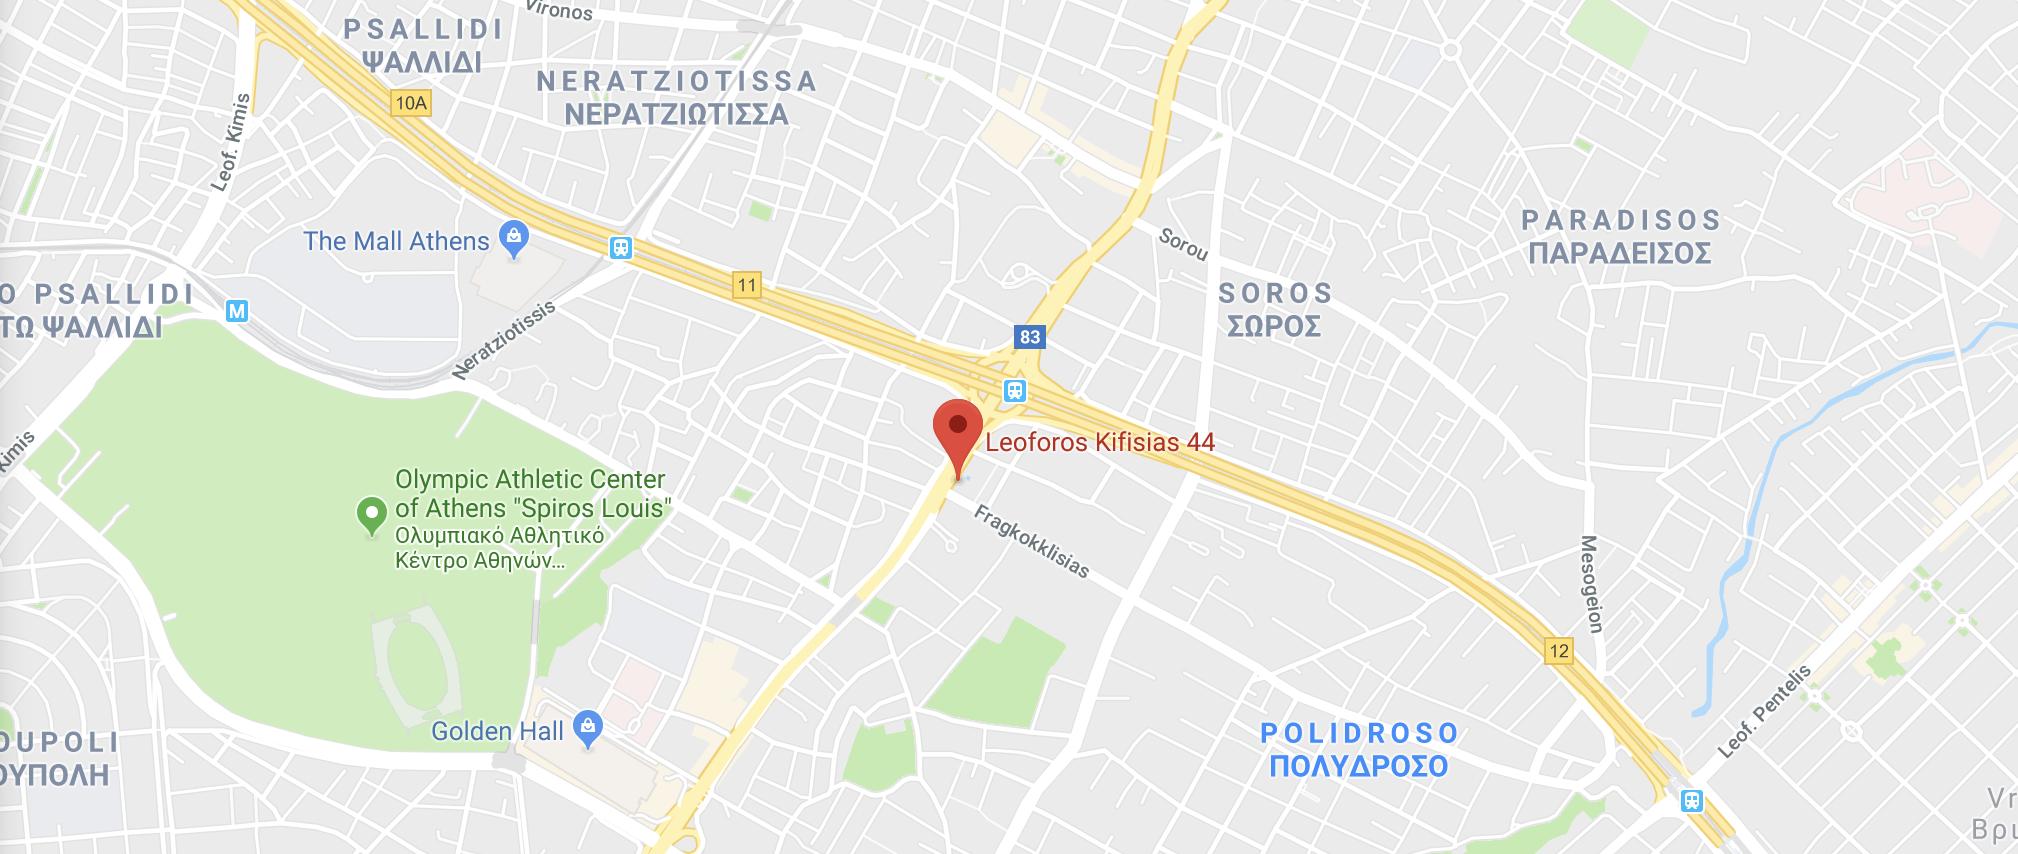 Kifisias Ave. no 44, PC:15125, Marousi, Attica, Greece